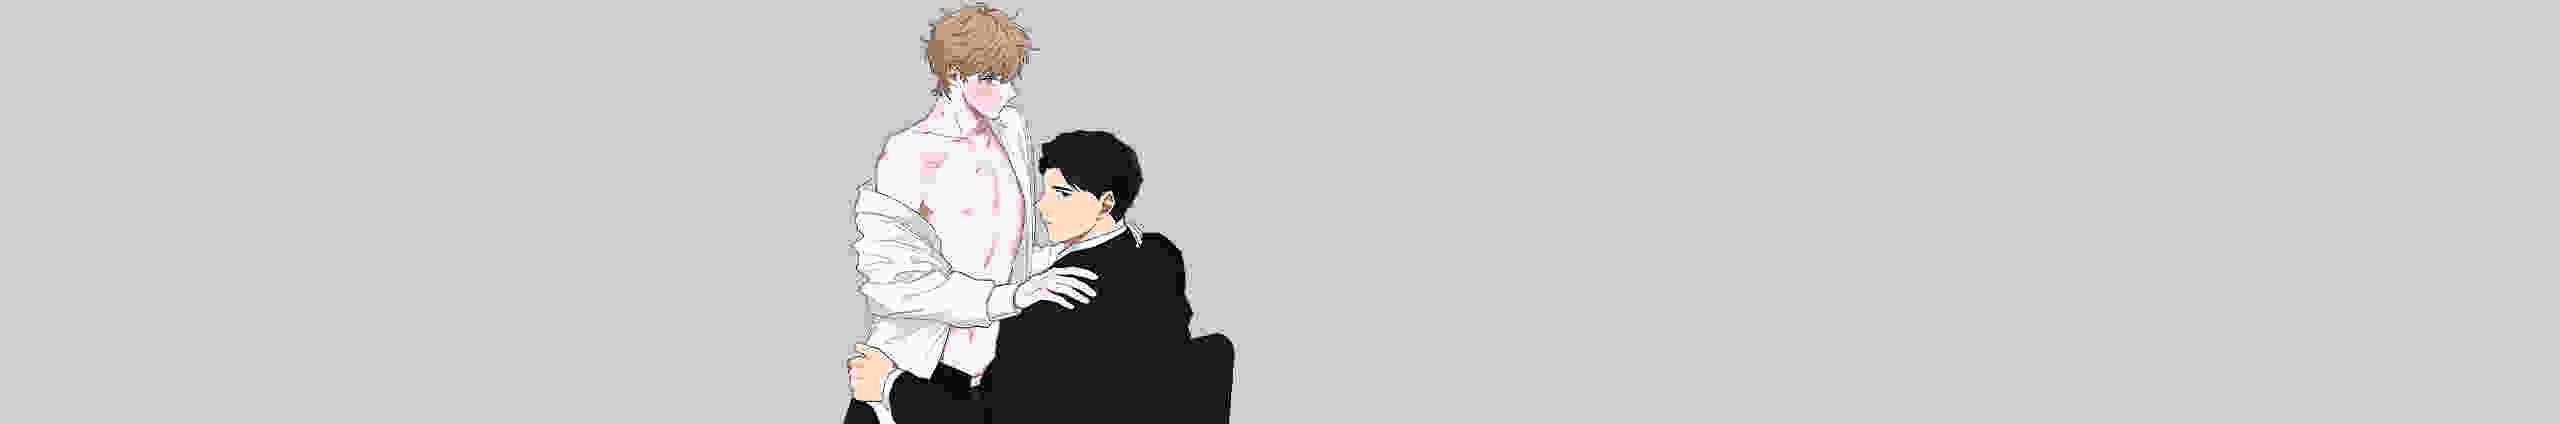 ตกหลุมรัก! ยากูซ่าพ่อลูกติด